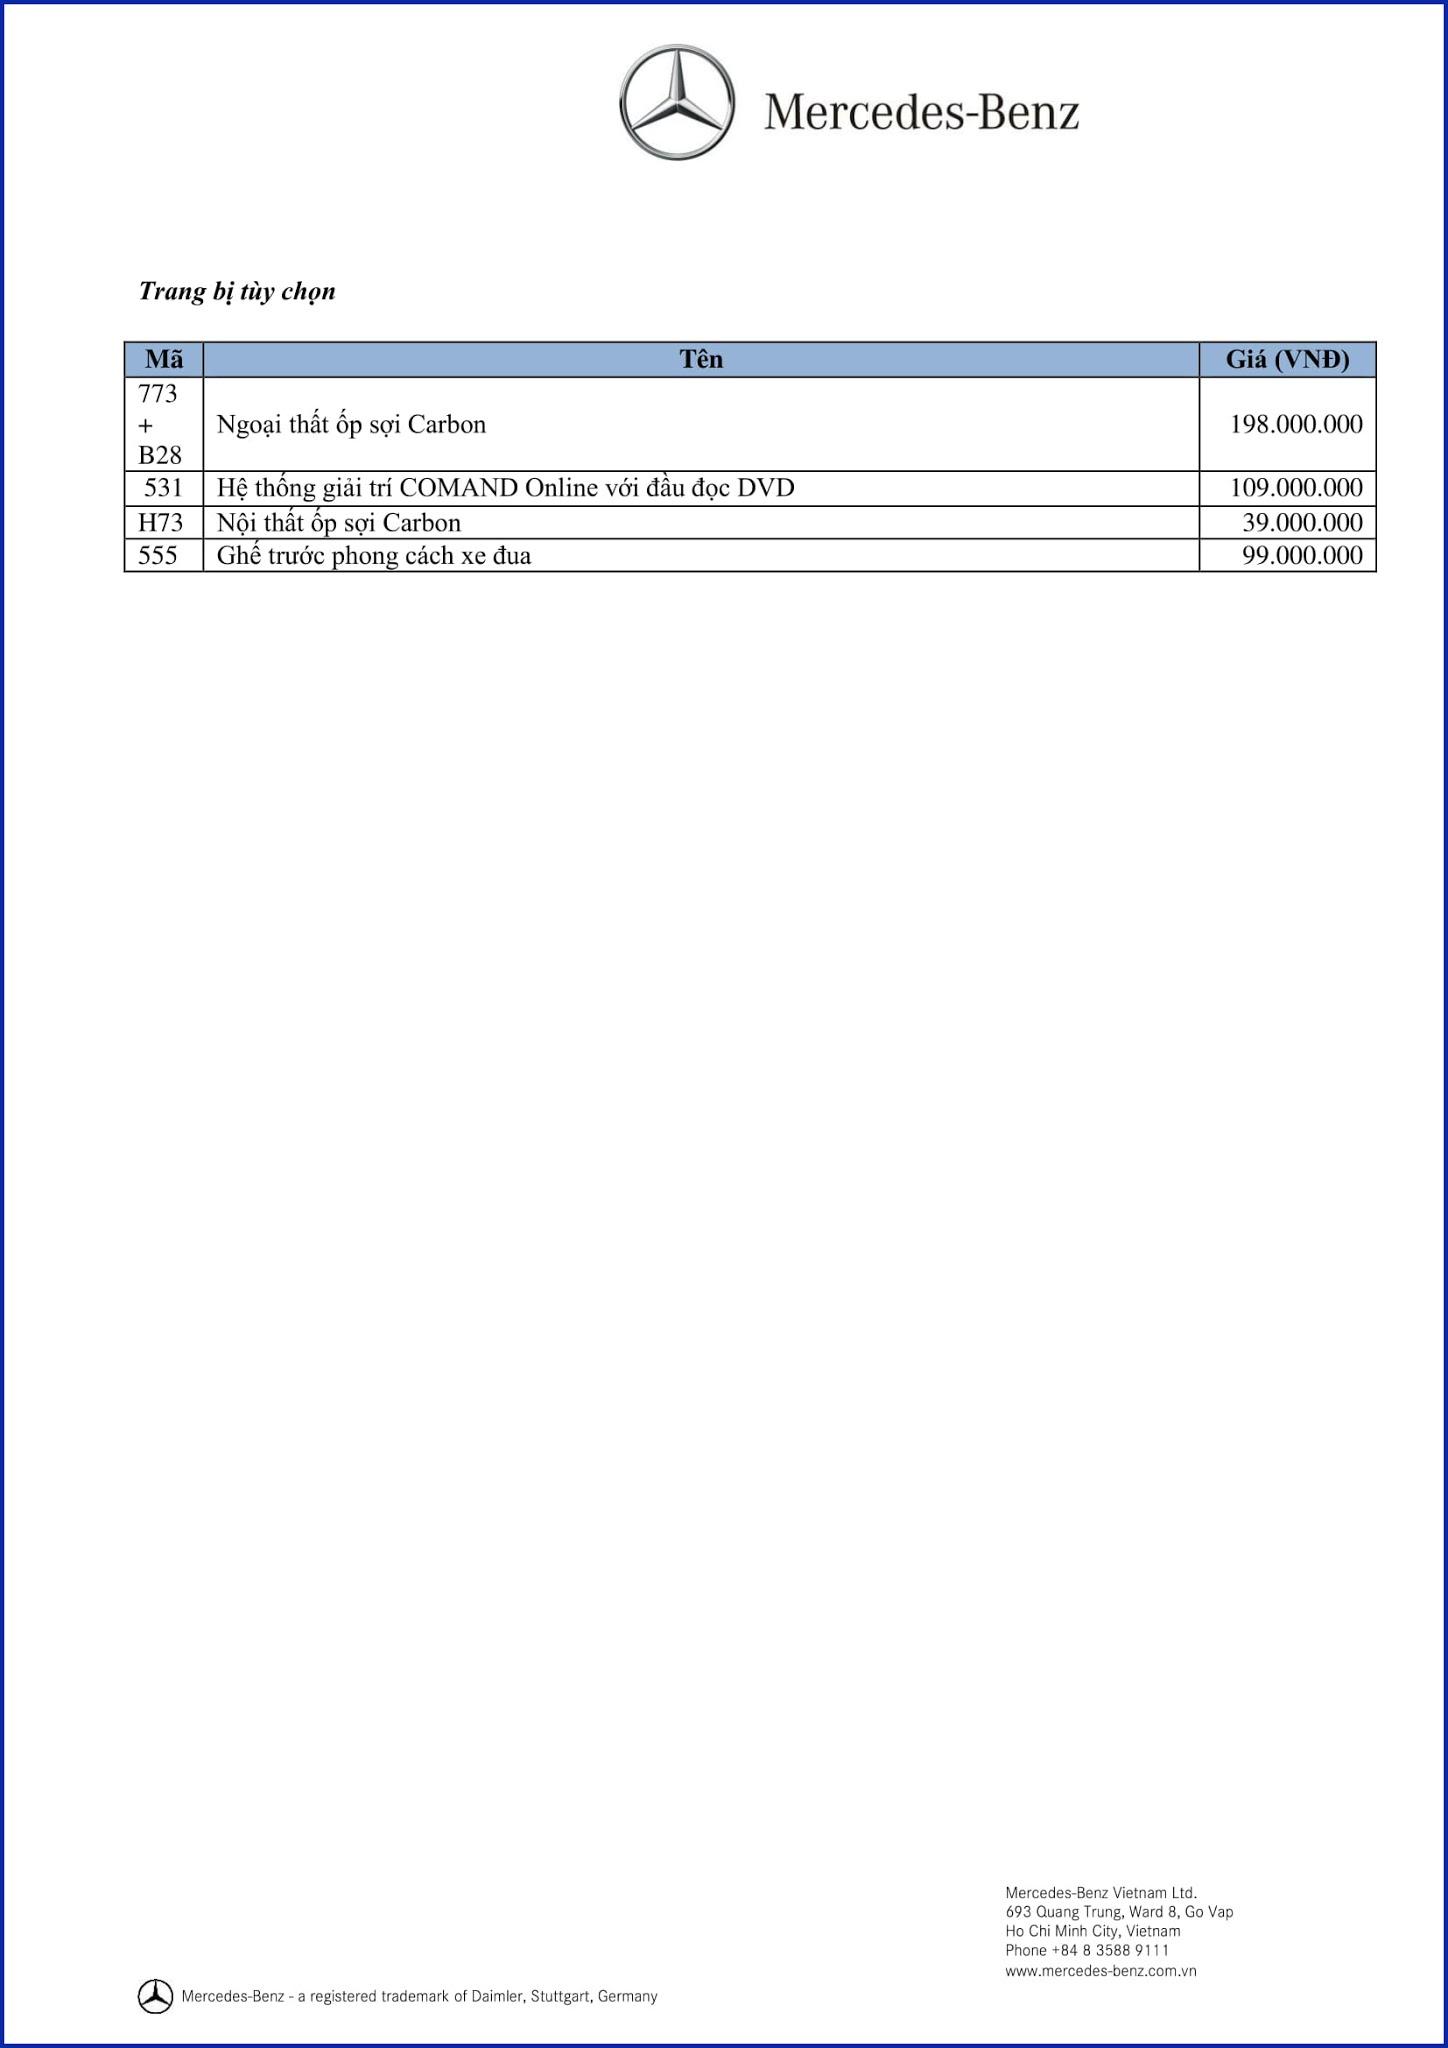 Bảng thông số kỹ thuật Mercedes AMG GLA 45 4MATIC 2019 tại Mercedes Trường Chinh